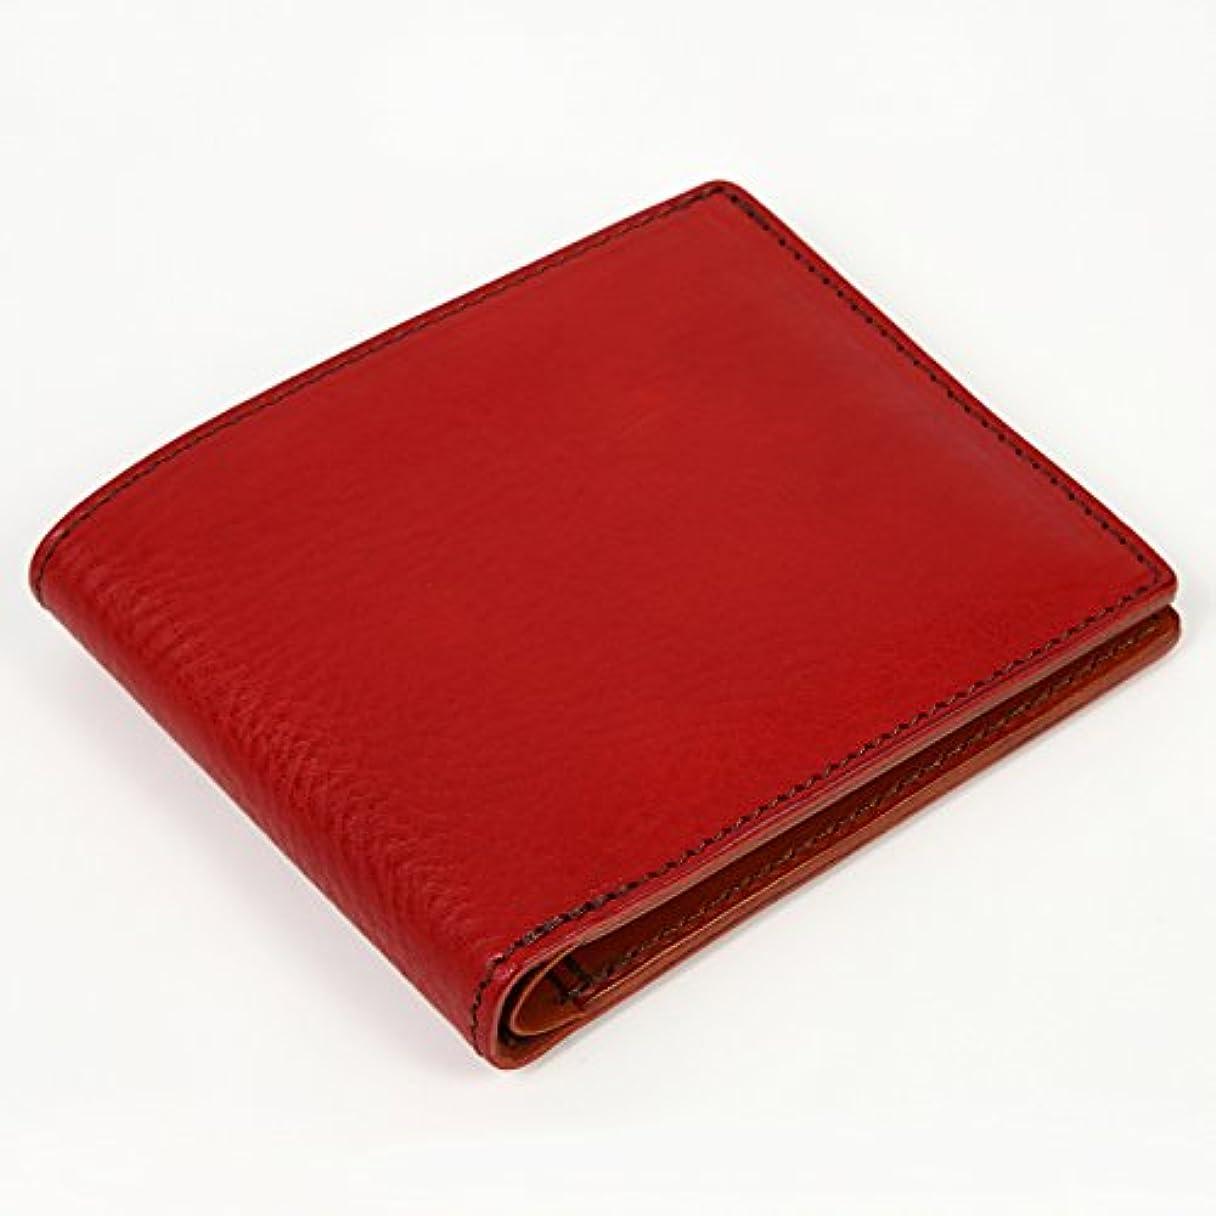 浅い息子最初chimera 二つ折り財布 (カード、札入れ) キメラ レッド